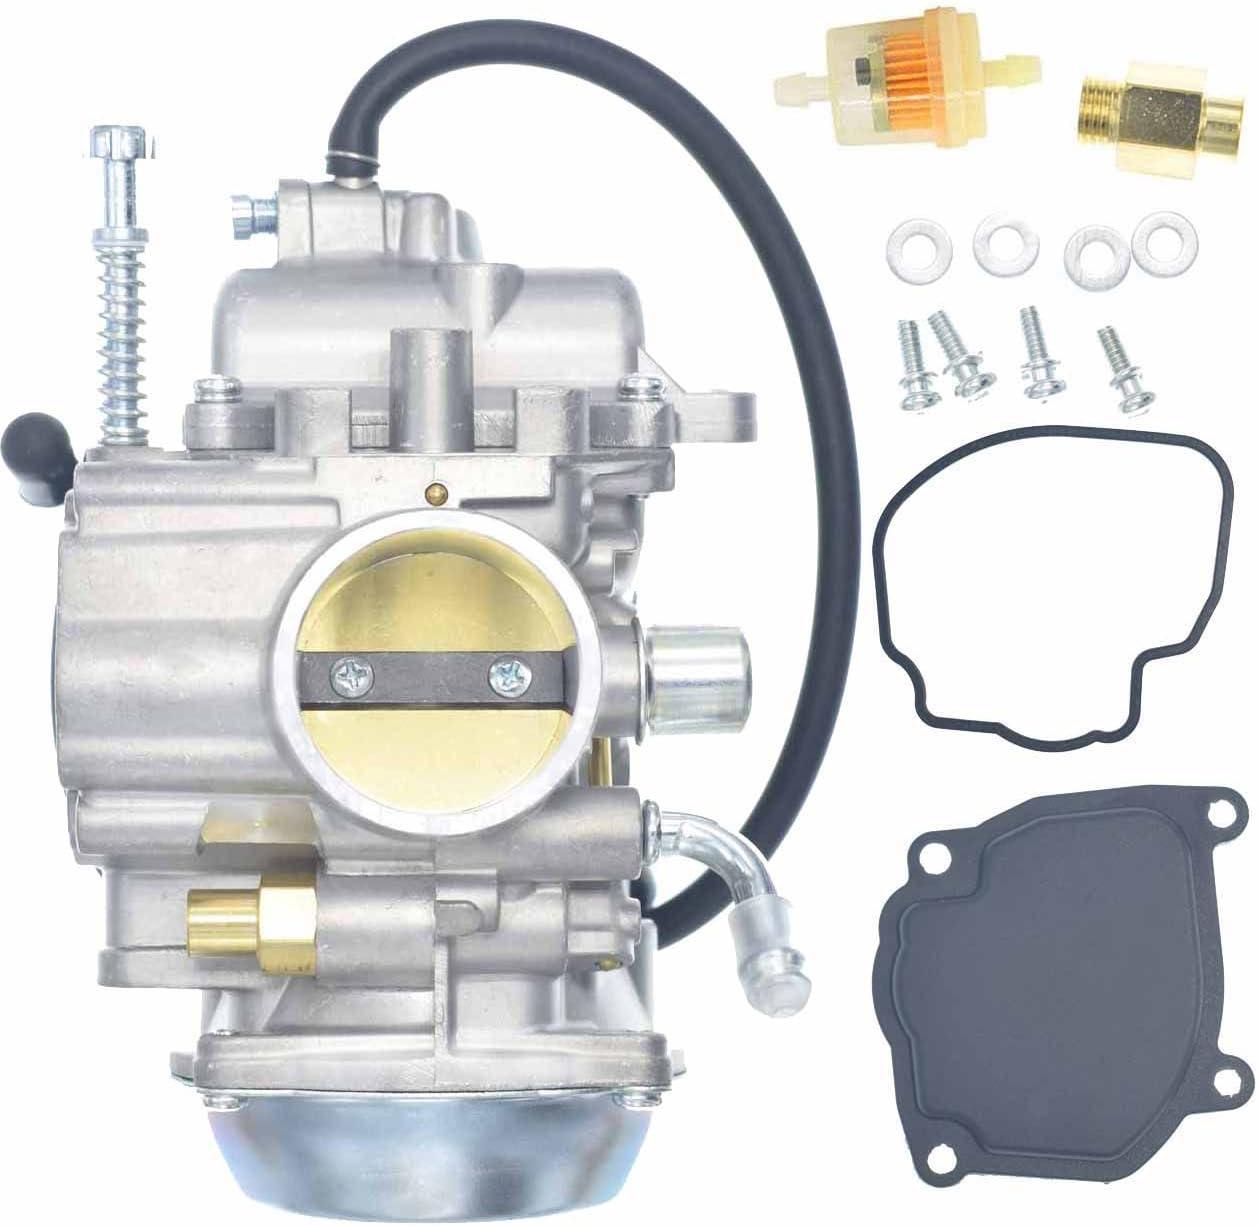 New Carburetor For Polaris MAGNUM 425 2x4 4x4 ATV QUAD CARB 1995-1998